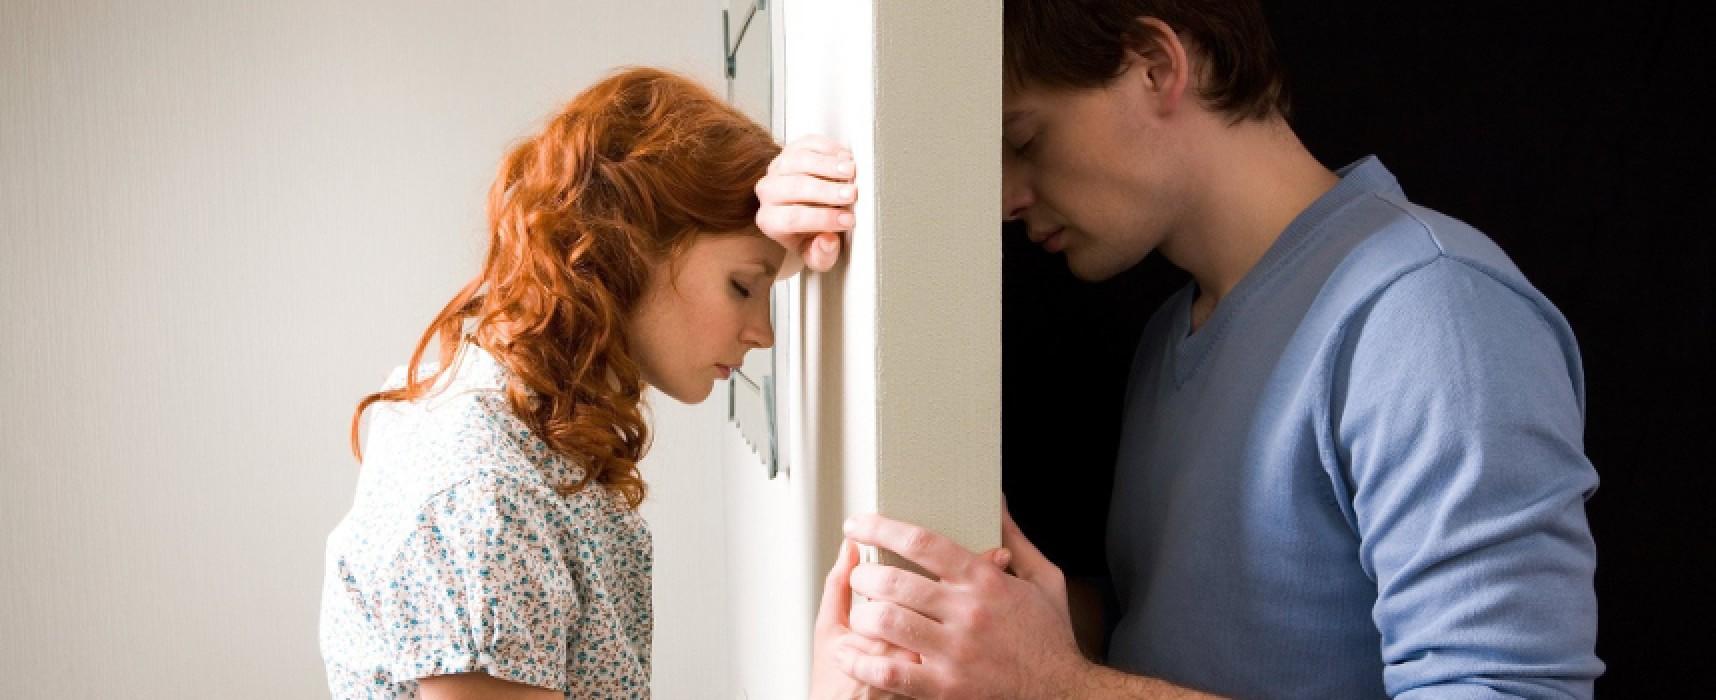 """Rubrica """"Lo psicologo risponde"""": fine di un rapporto occasione per conoscere meglio sé stessi"""